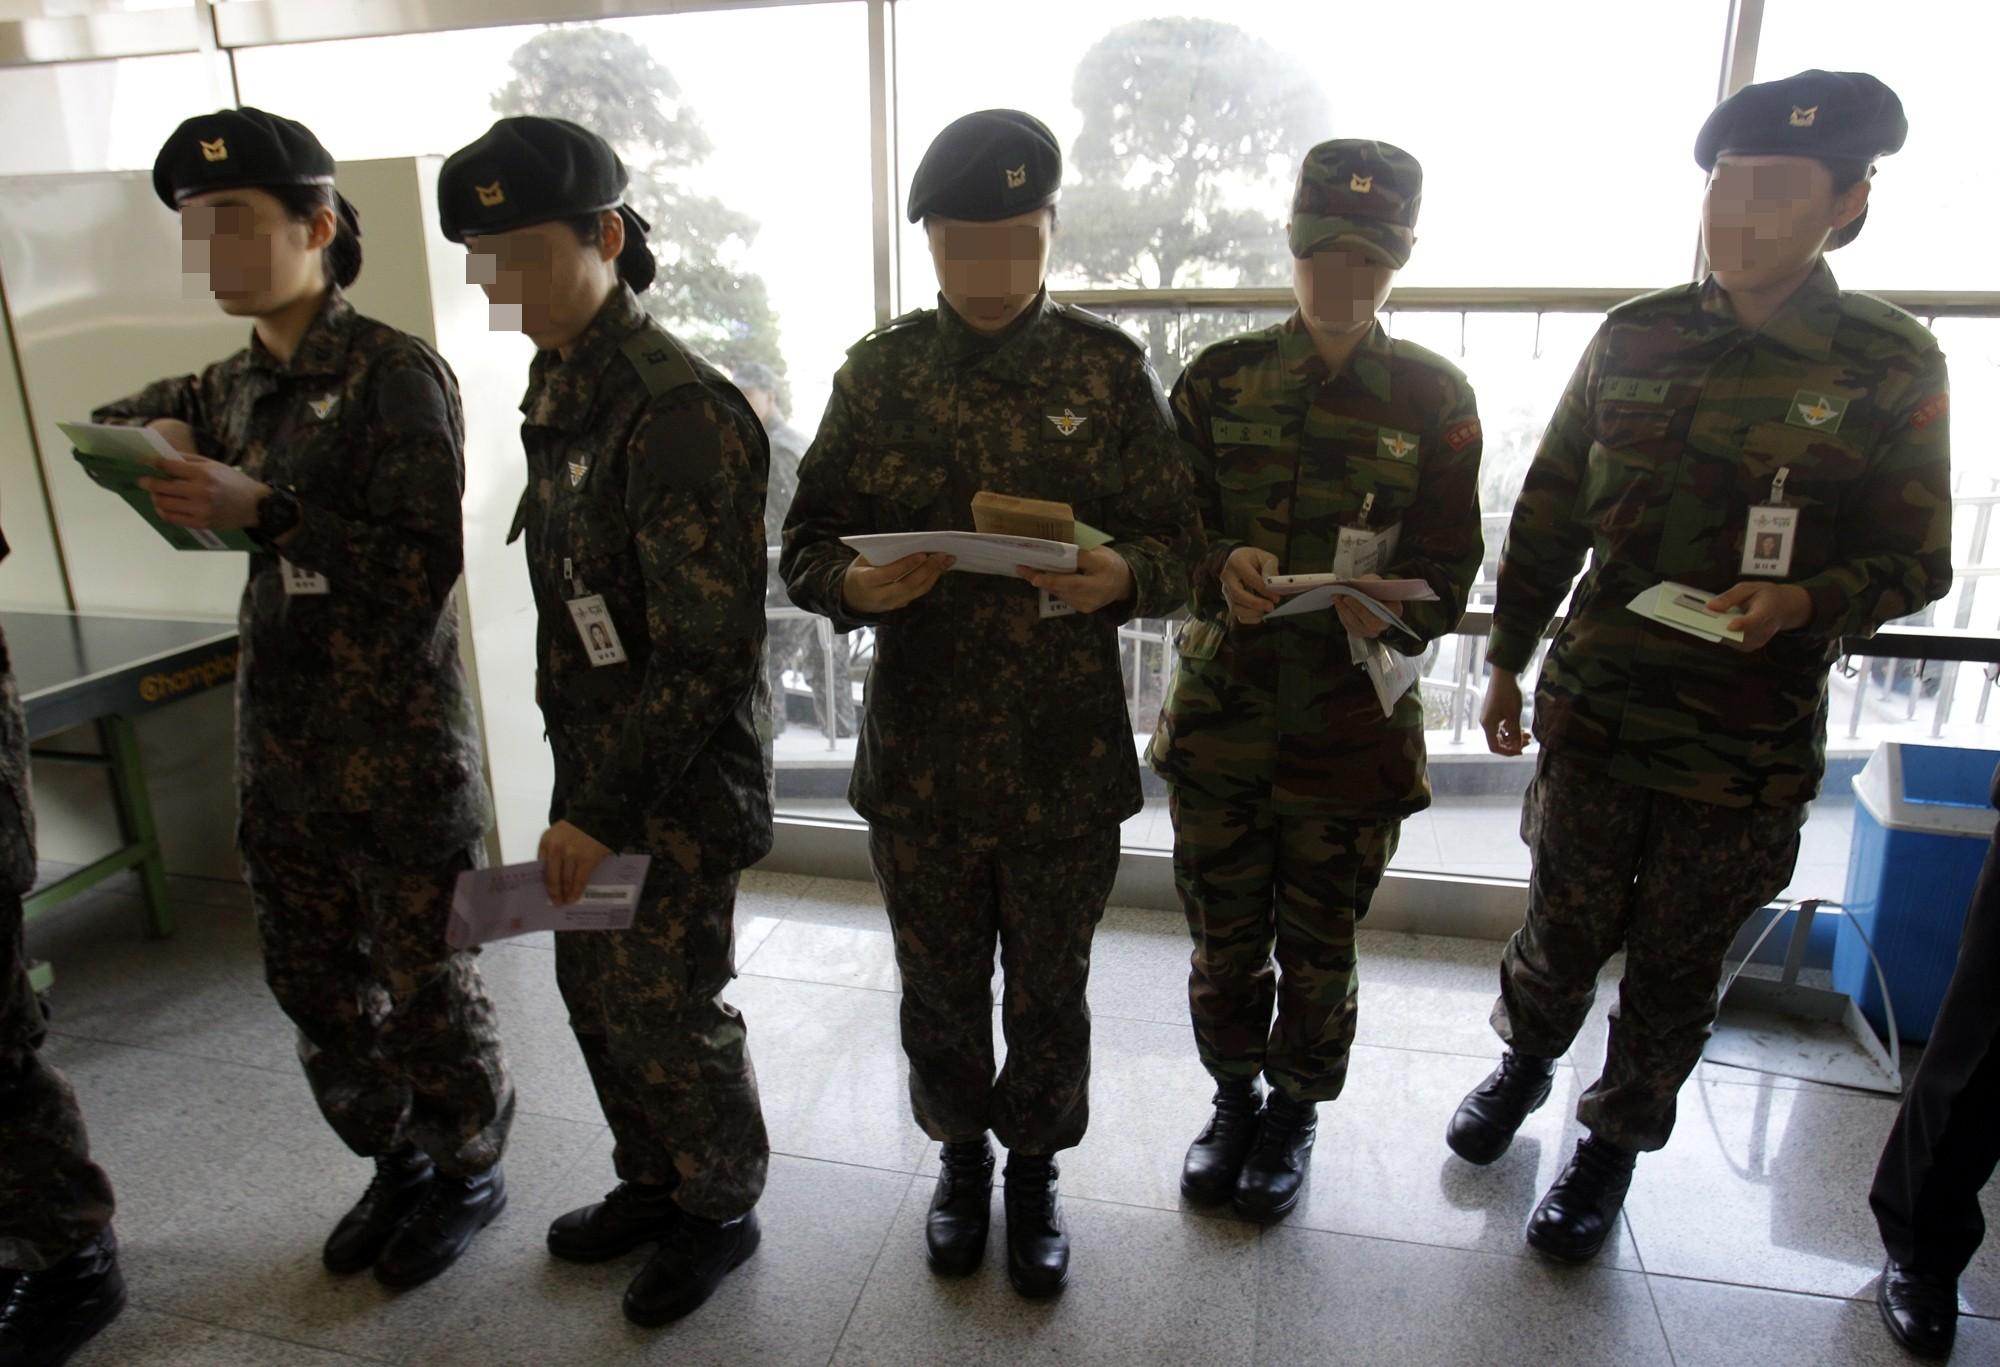 ▲▼南韓軍隊內,女兵遭性騷擾的案件頻傳。(示意圖,非當事人/達志影像/美聯社)